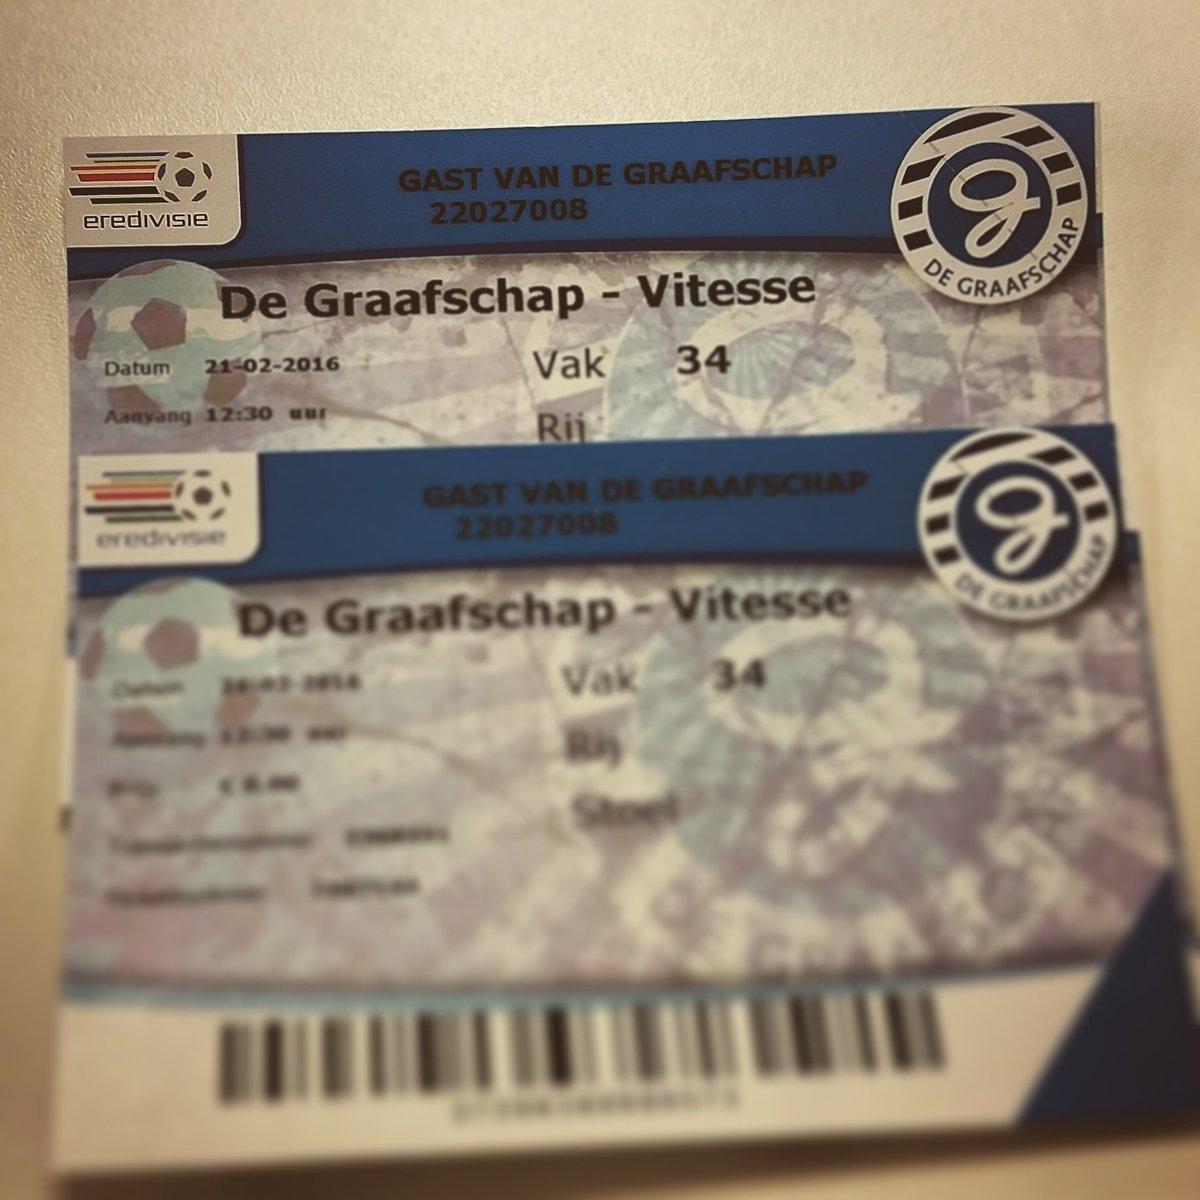 Wil jij kans maken op 2 kaarten voor De Graafschap - Vitesse? Retweet deze tweet en volg @degraafschap! #samendran https://t.co/C9PQN6VMqJ